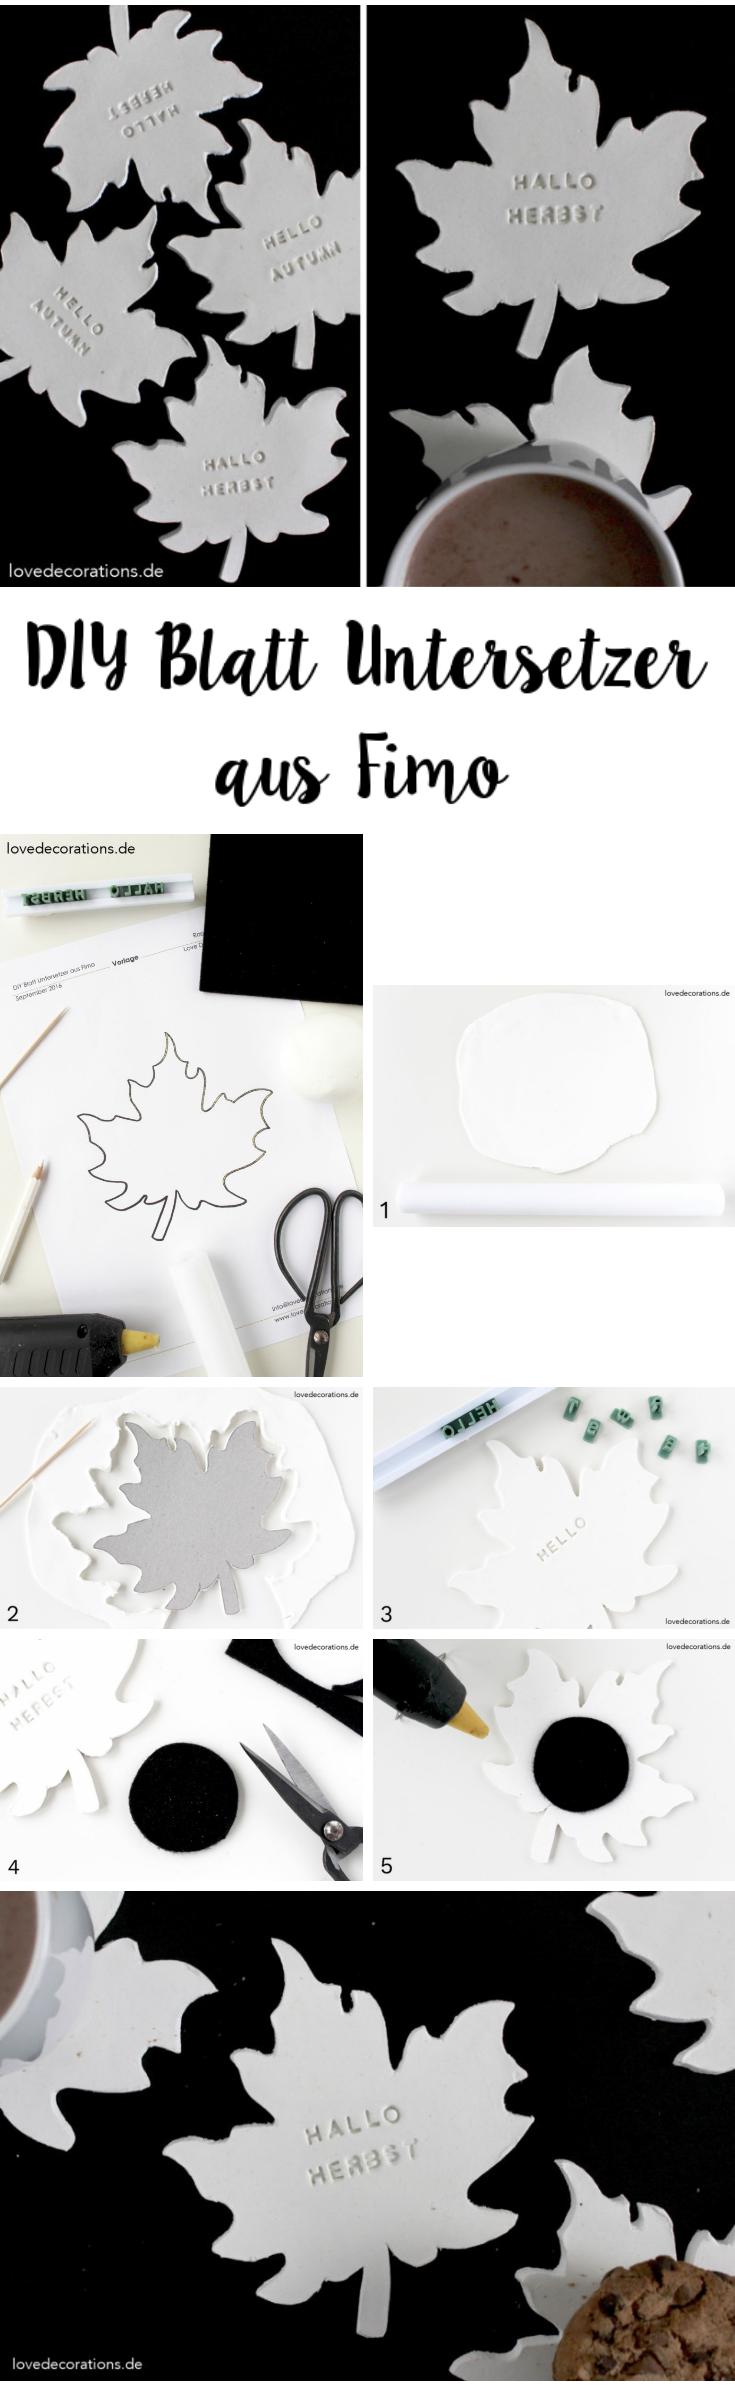 DIY Leaf Coaster made of Clay